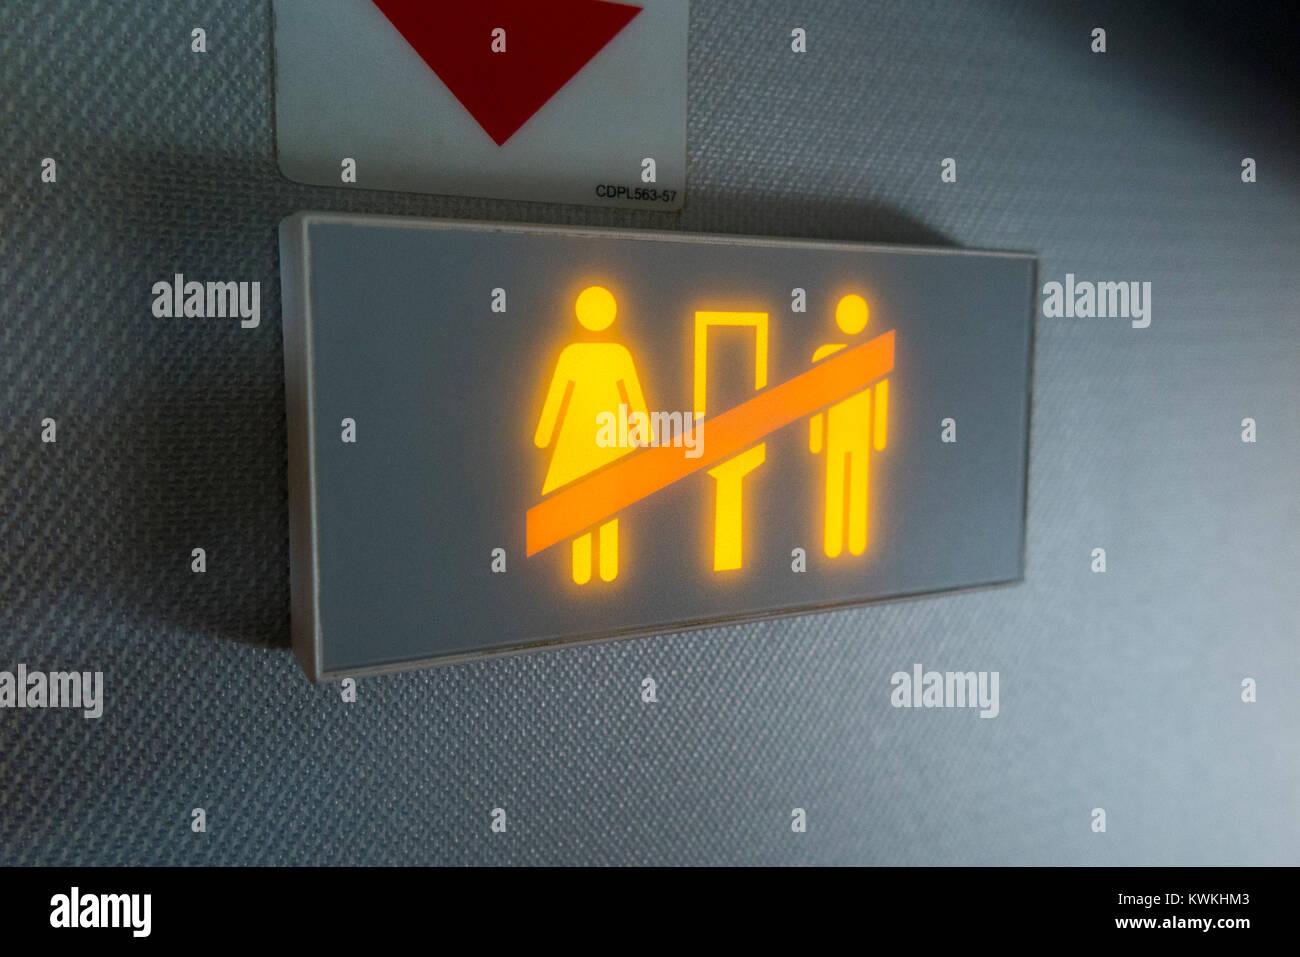 Aircraft Toilet Stock Photos Amp Aircraft Toilet Stock